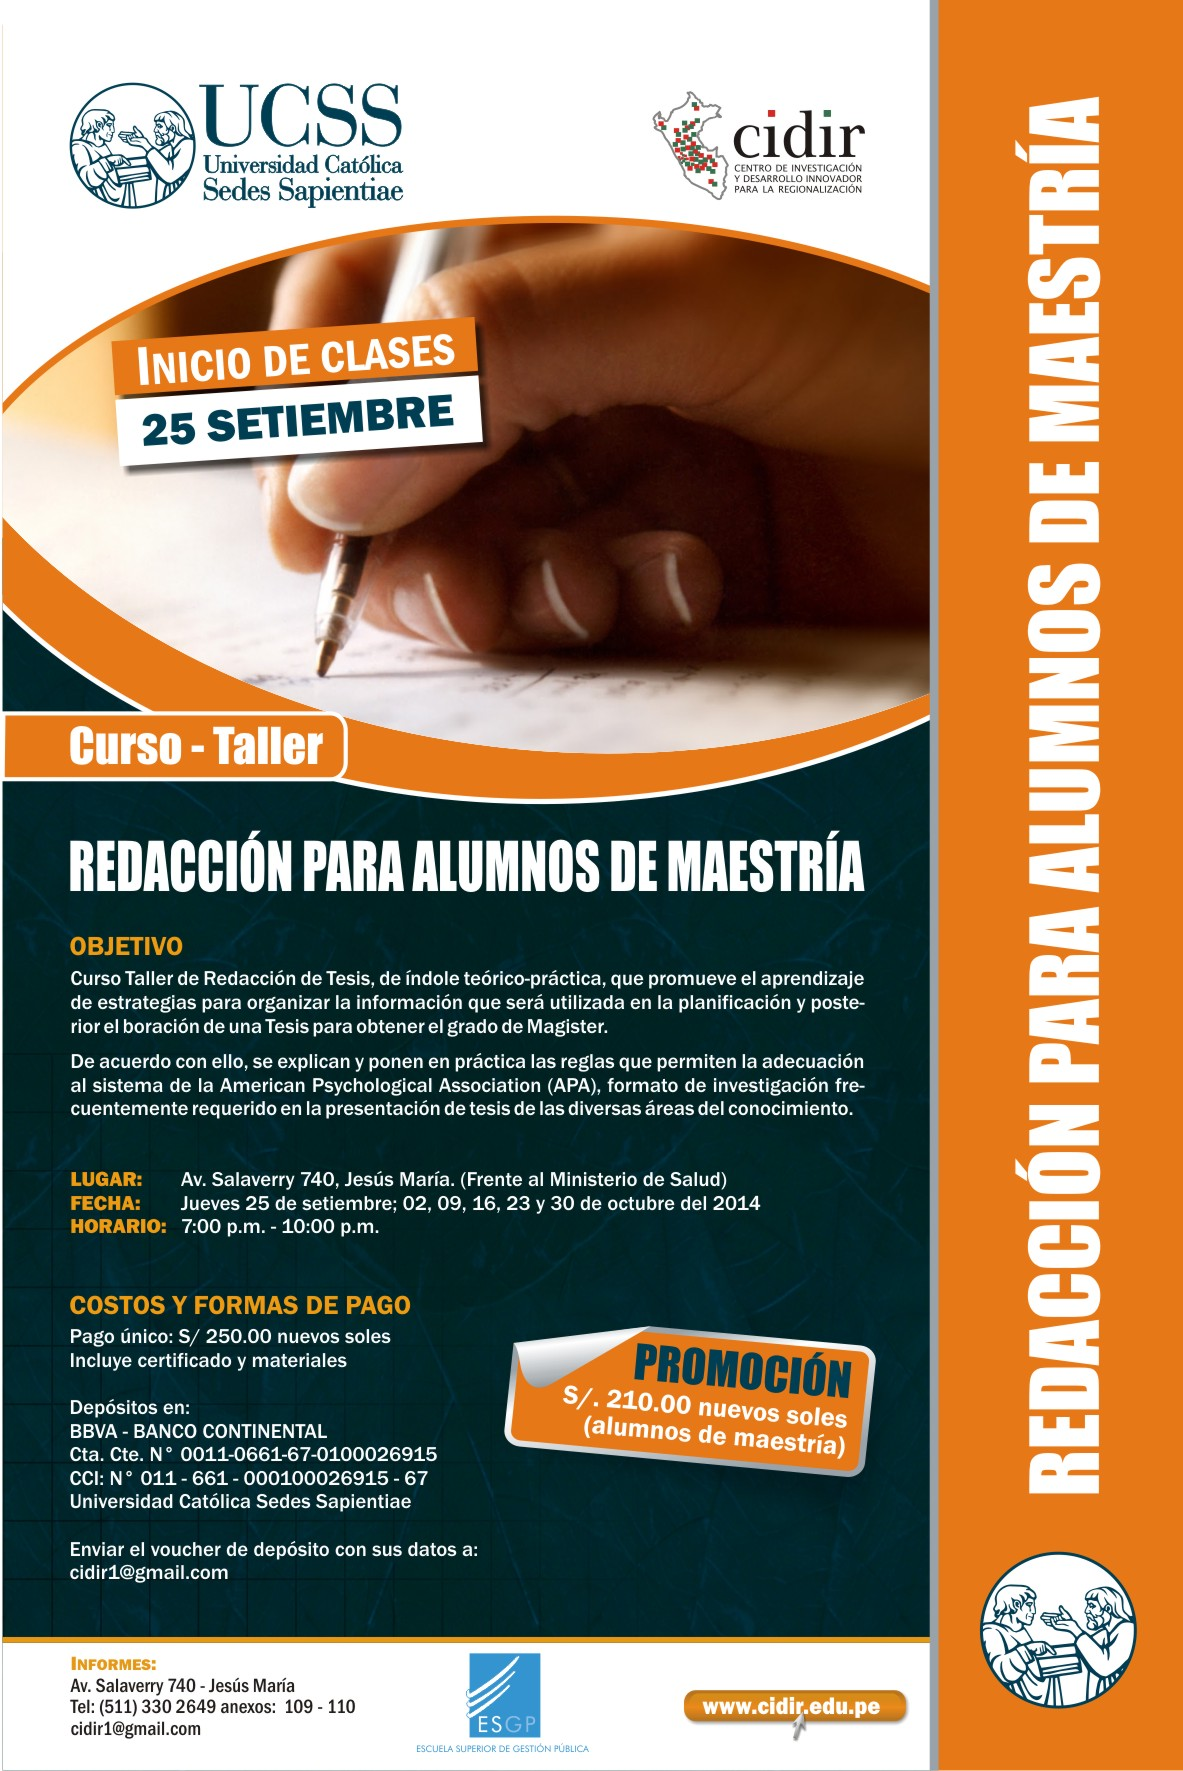 Redacción para alumnos de MAESTRÍA